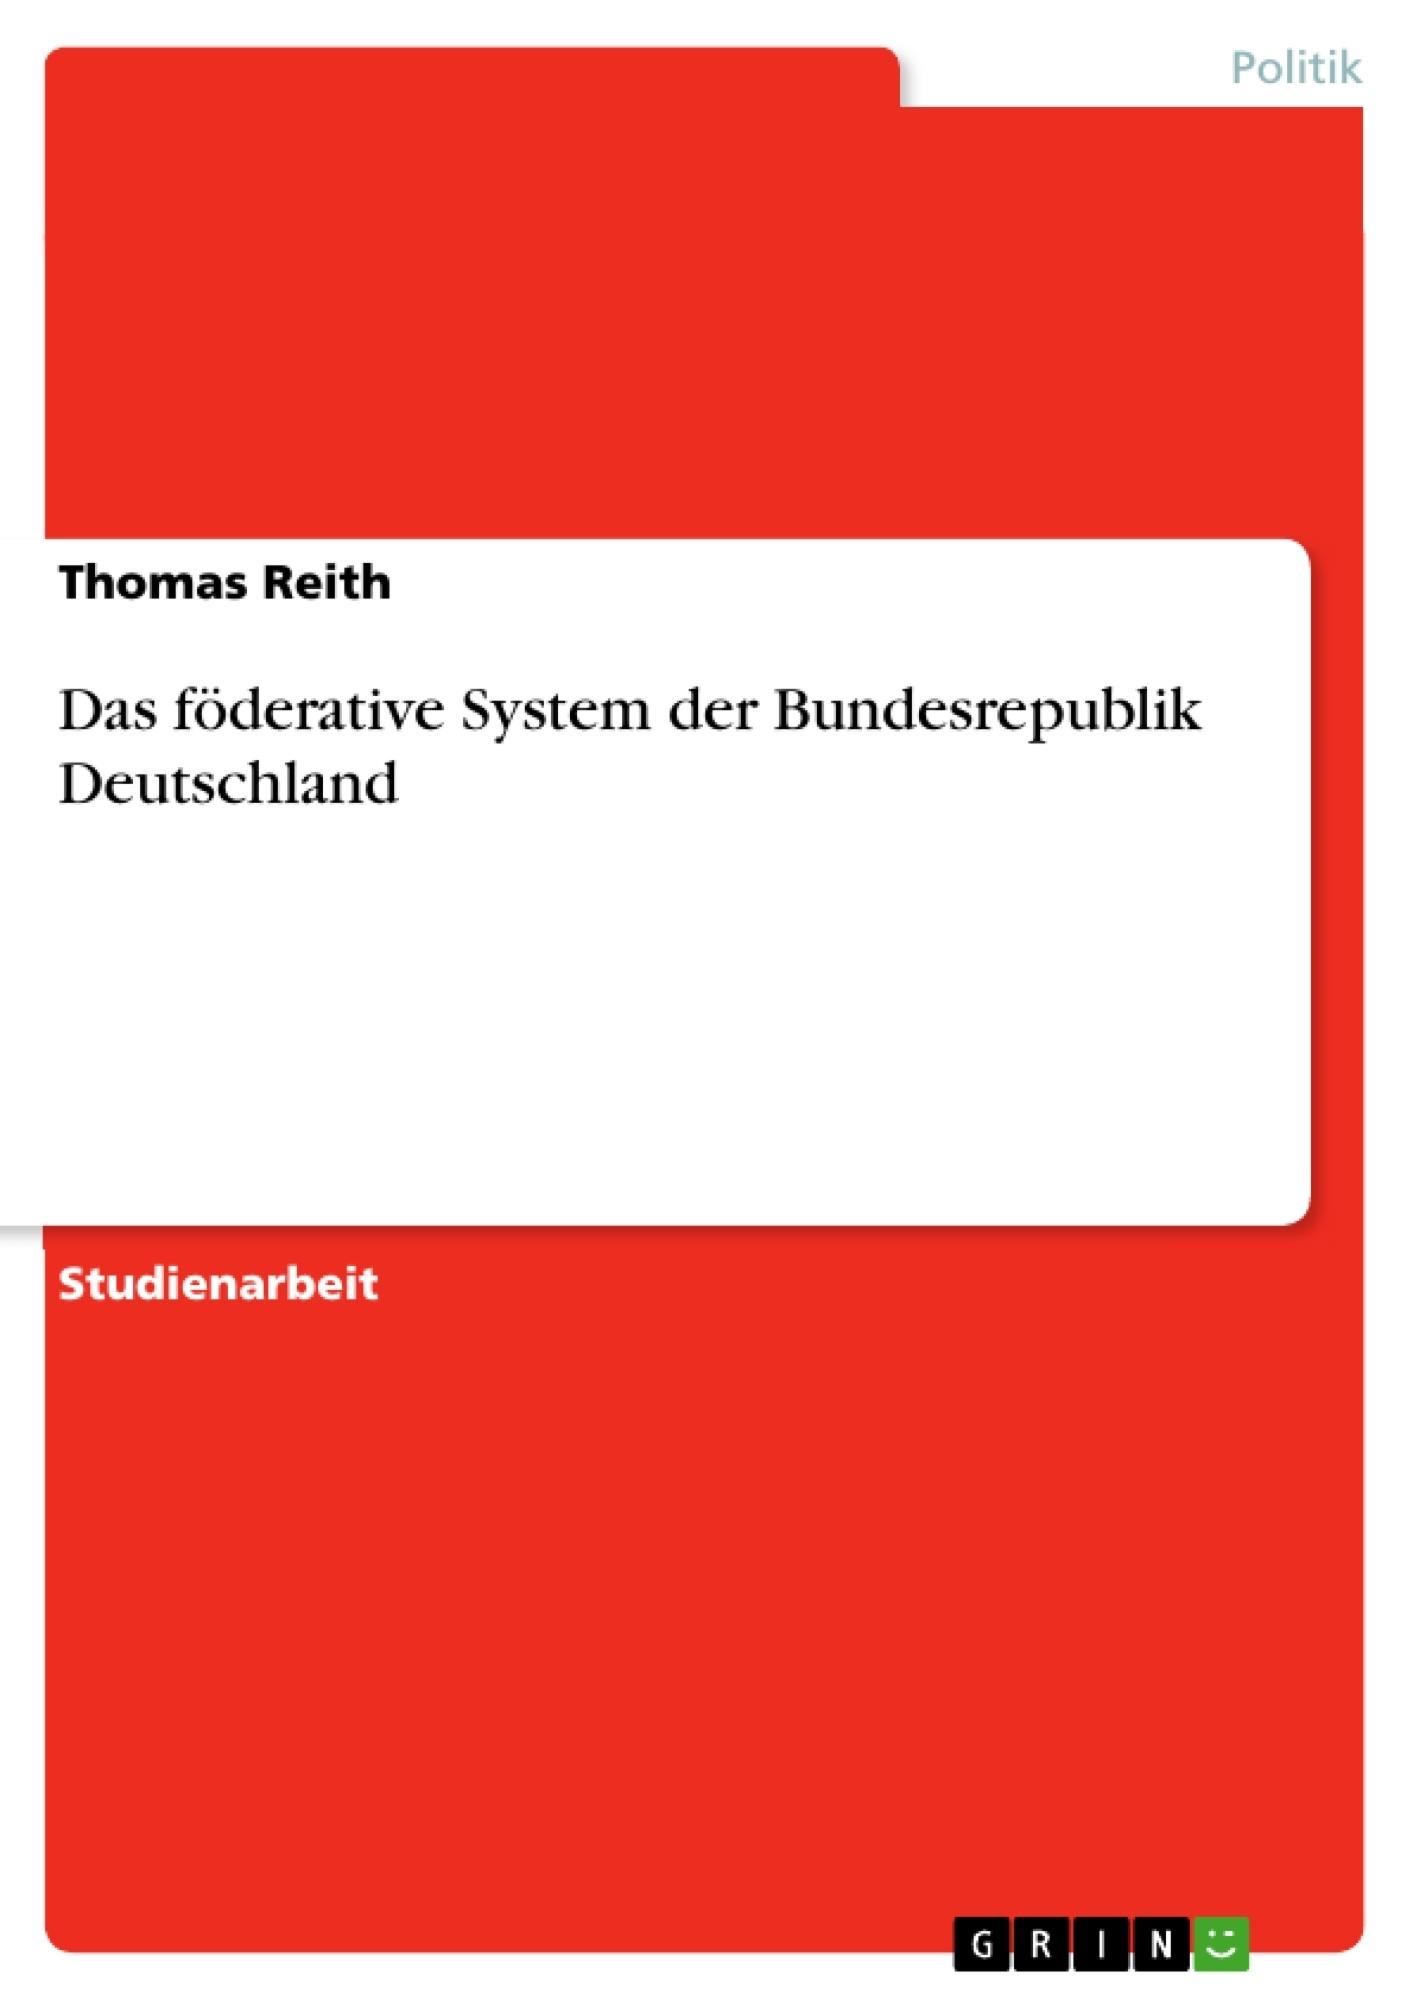 Titel: Das föderative System der Bundesrepublik Deutschland